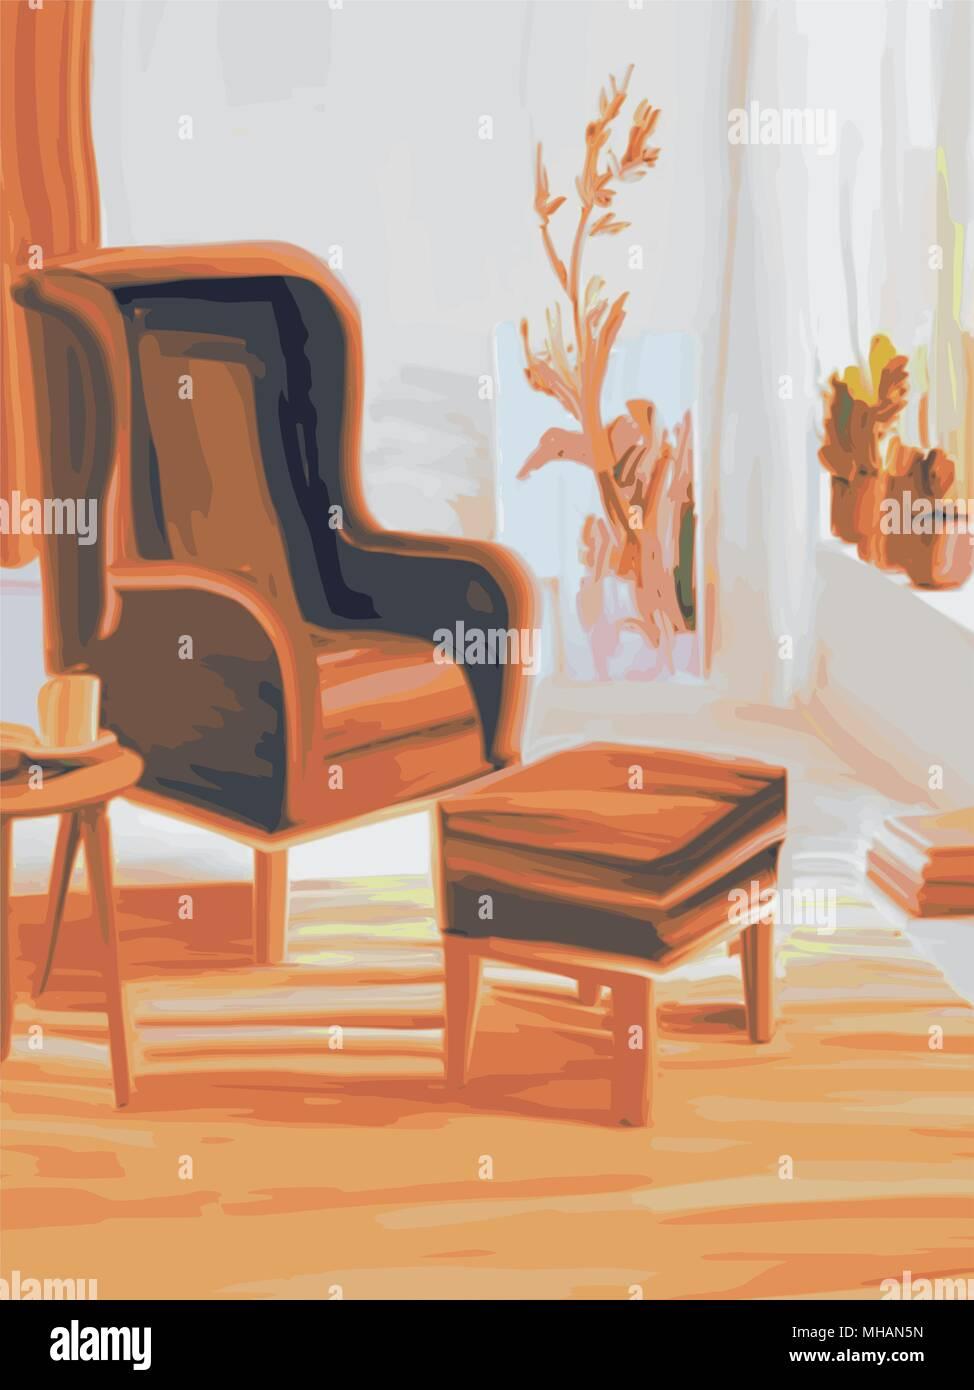 Wohnzimmer Einrichtung mit Sessel und Fußstütze, Aquarell Vector Illustration Stockbild